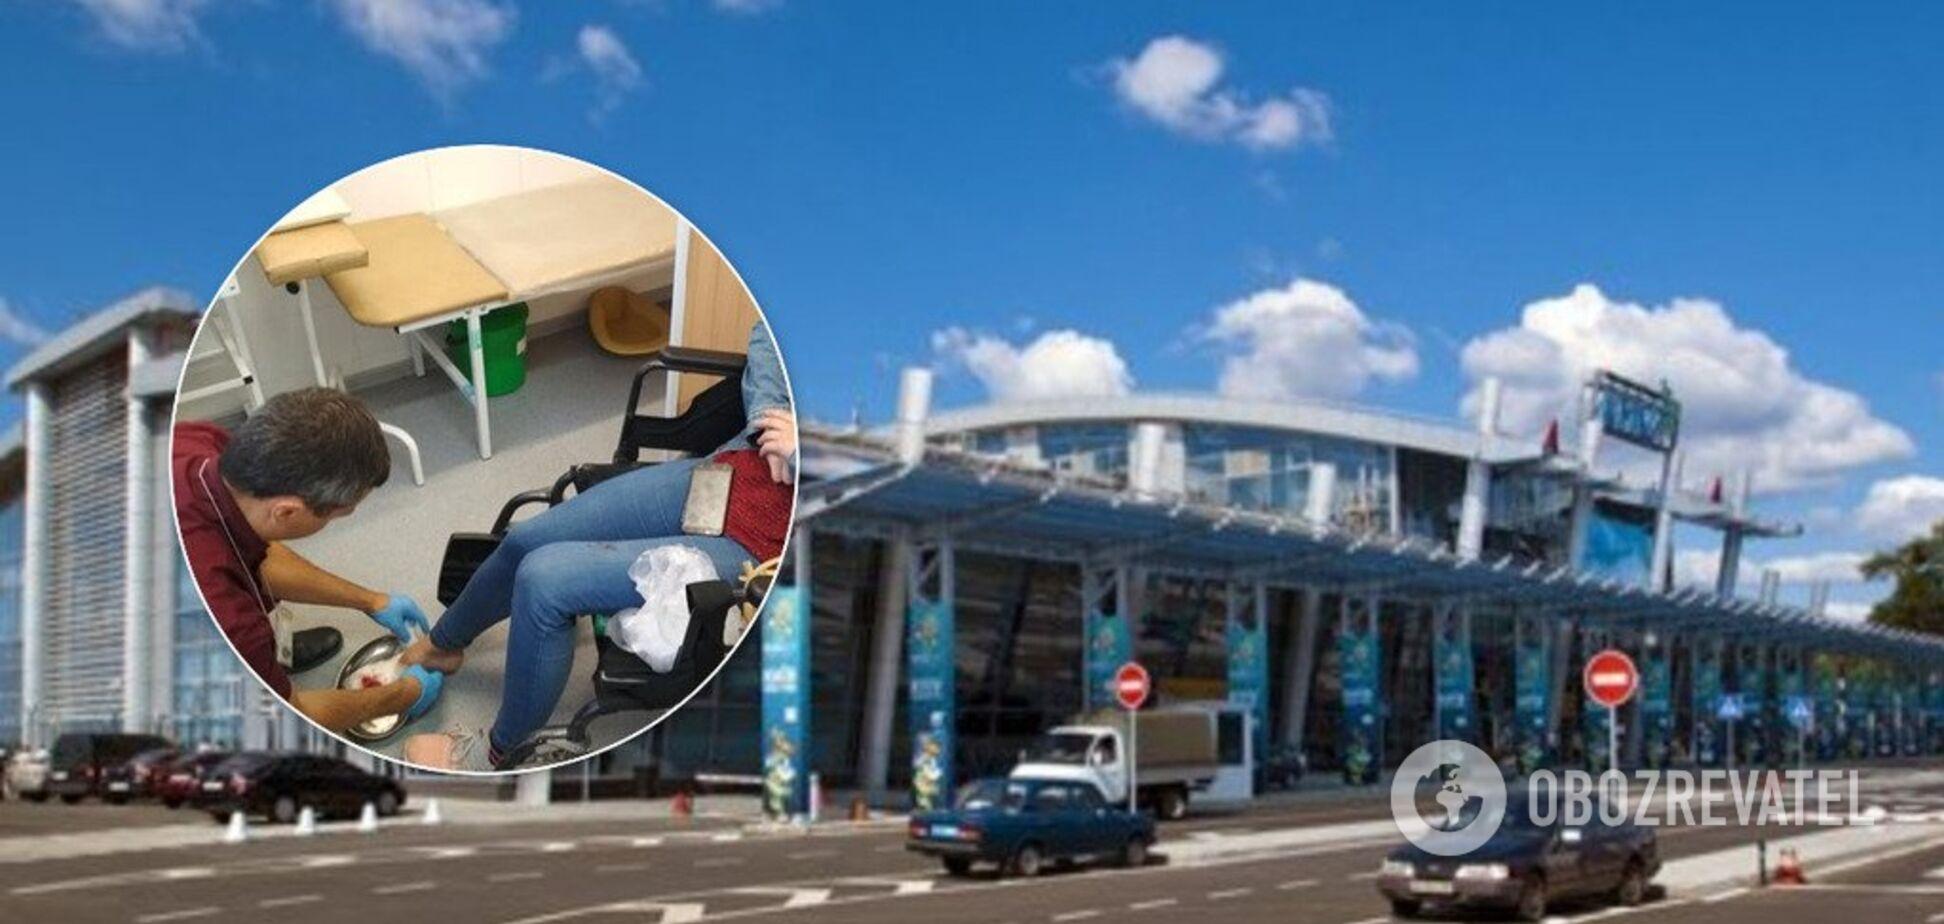 У київському аеропорту дівчині переламали пальці: фото, відео і подробиці НП